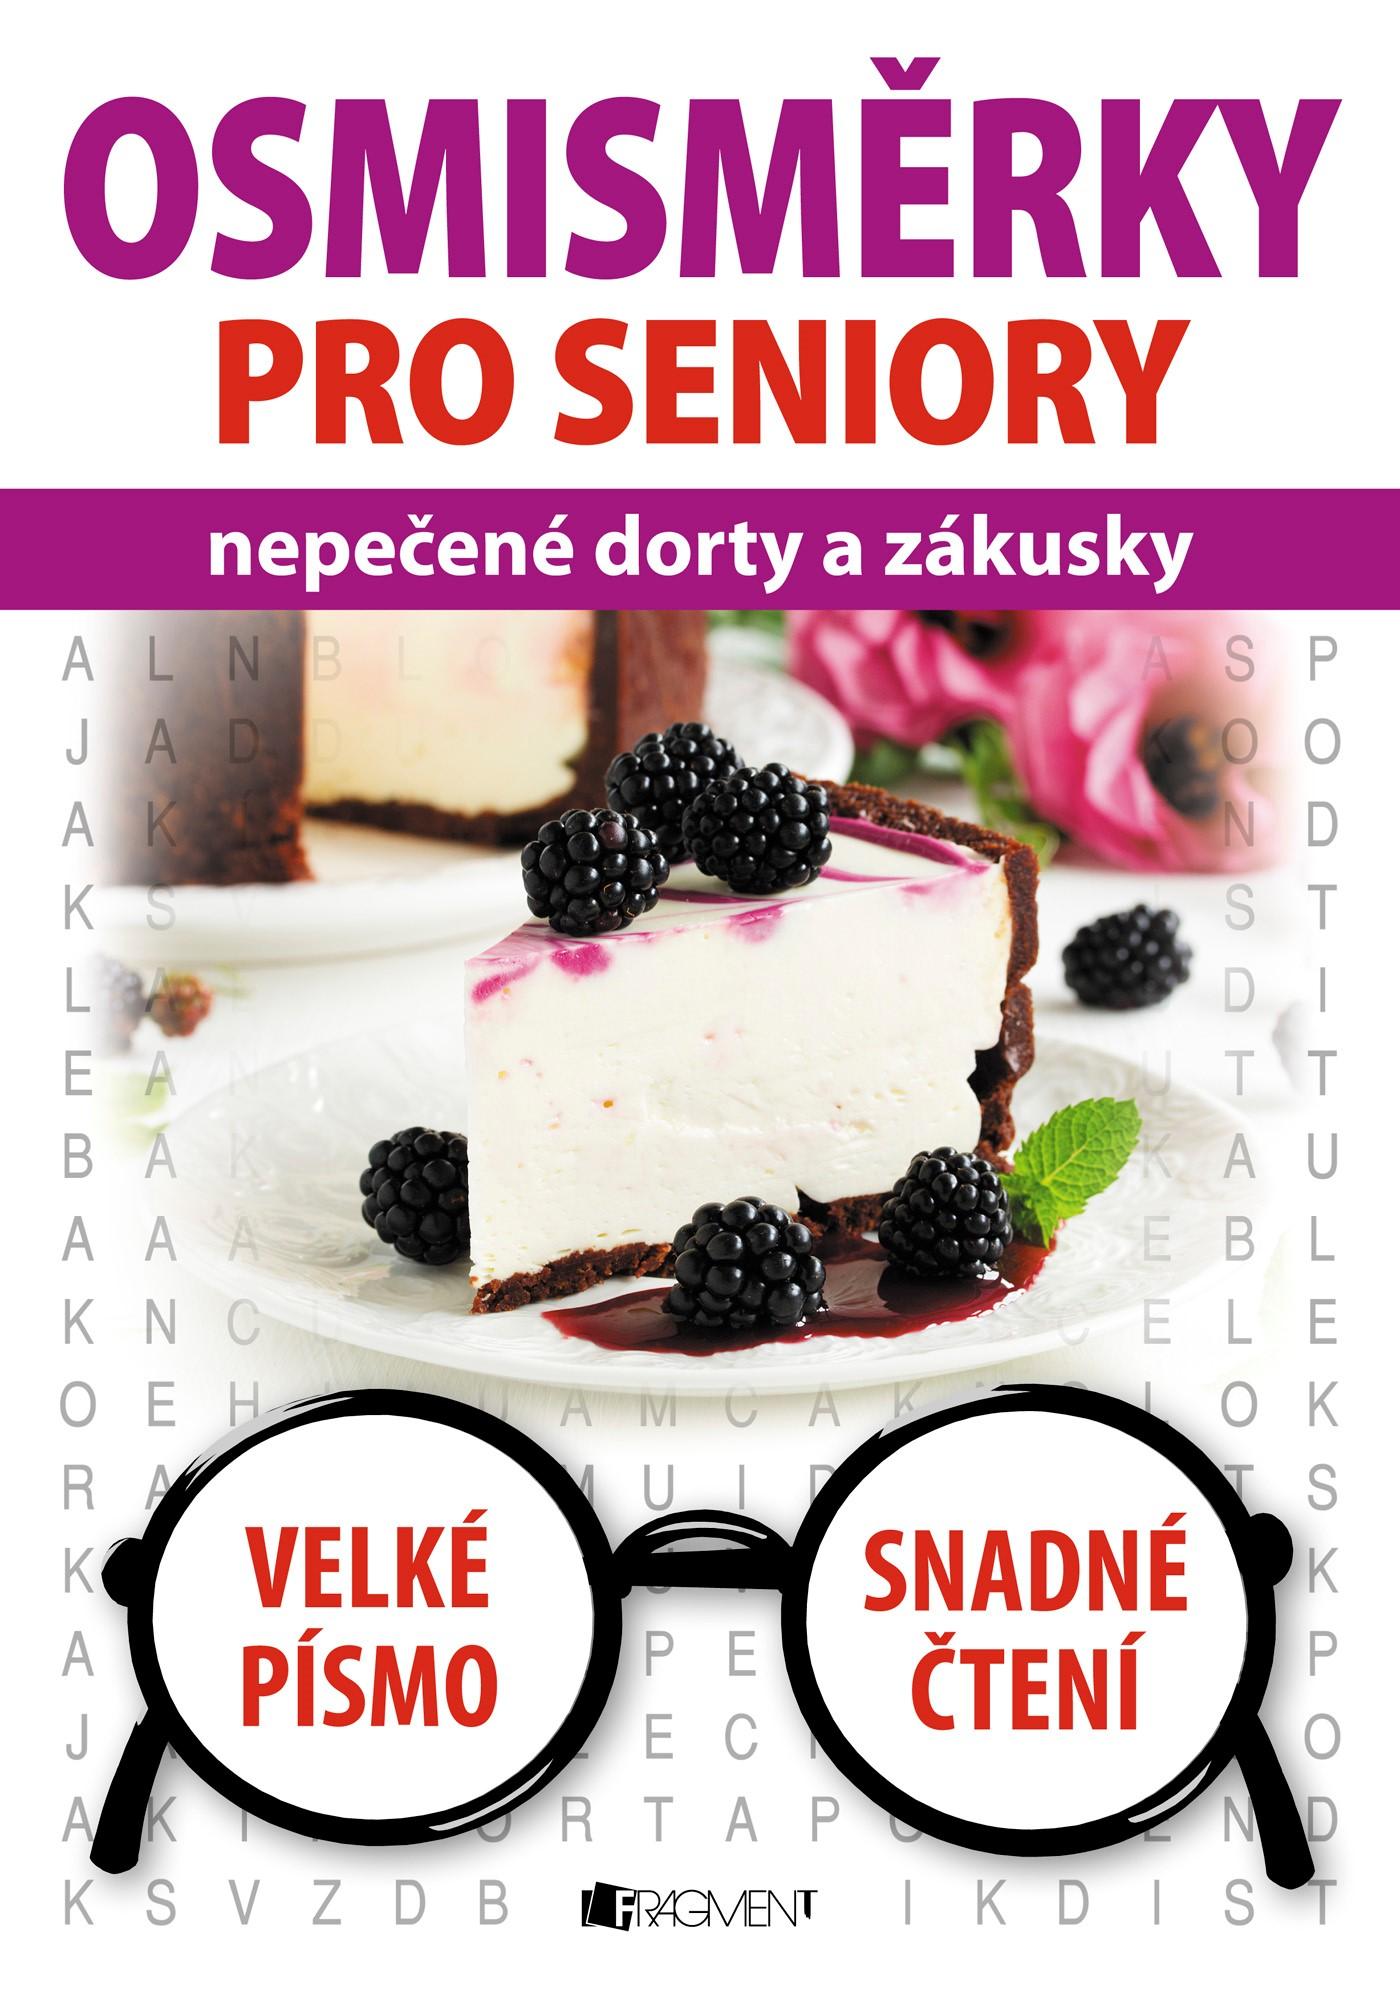 Osmisměrky pro seniory – nepečené dorty a zákusky